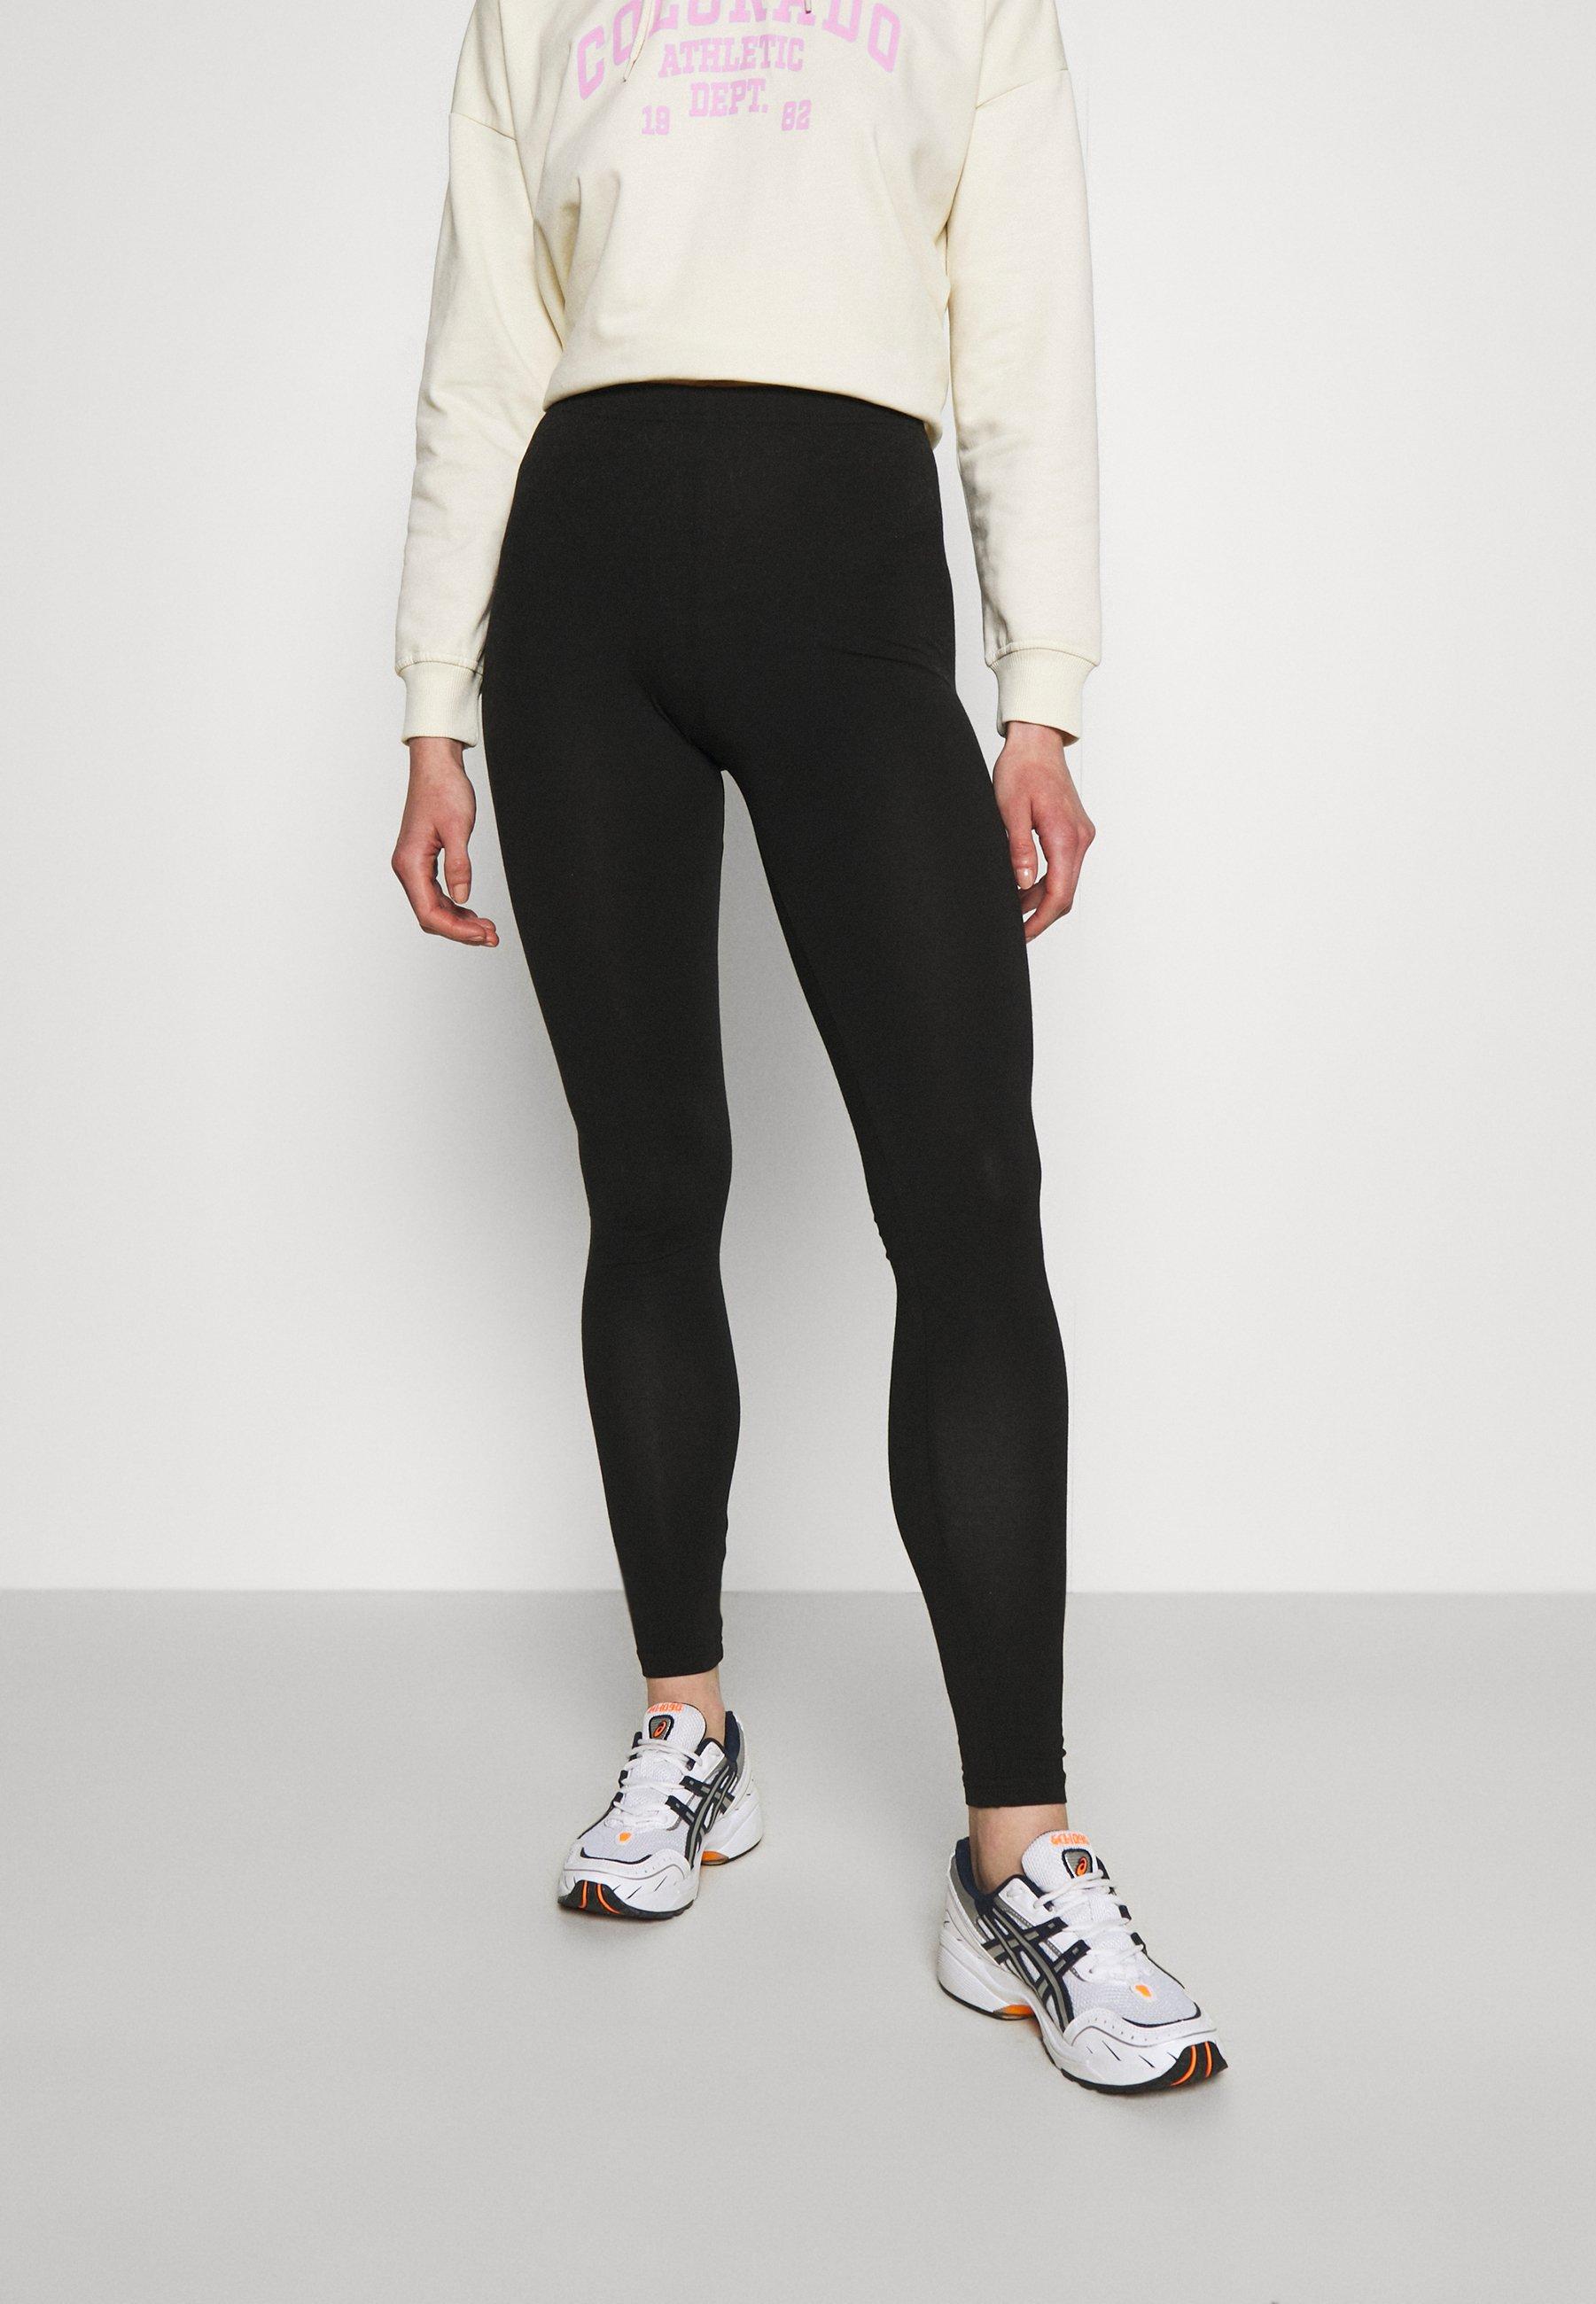 Damen PCKIKI LEGGINGS NOOS - Leggings - Hosen